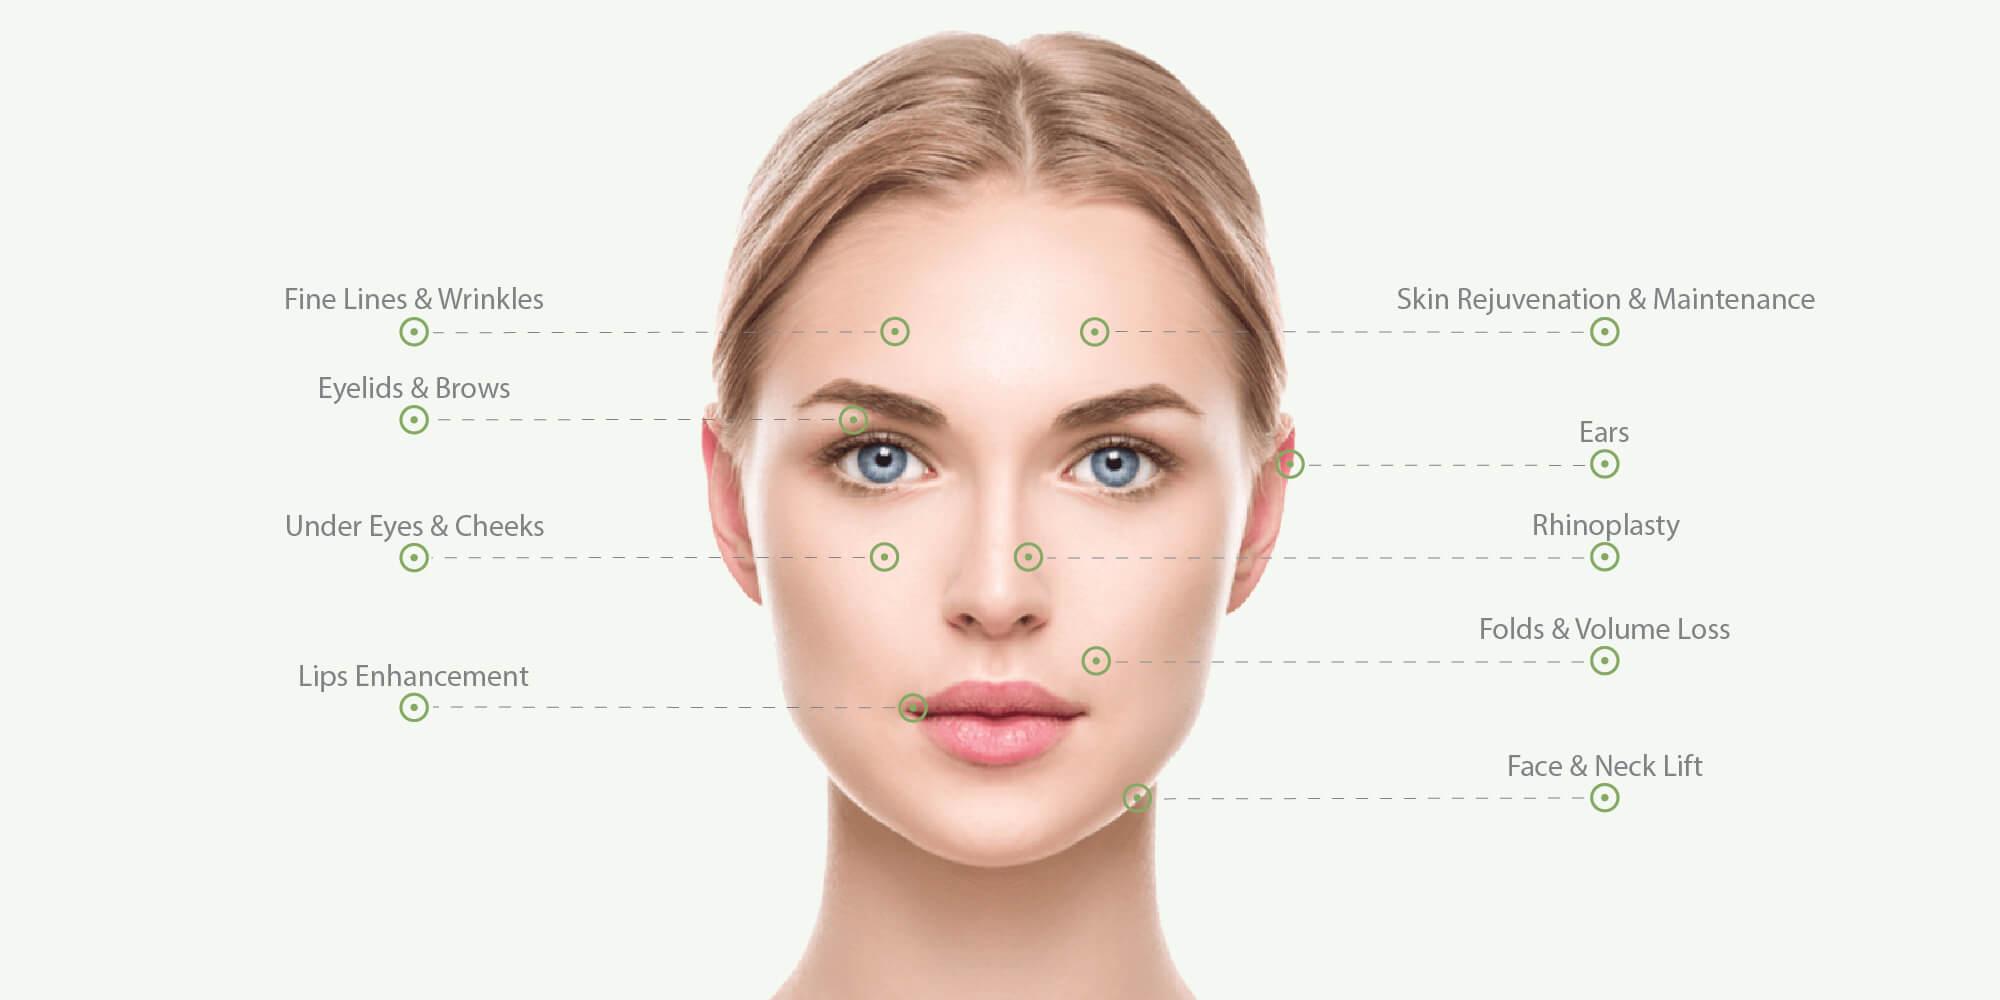 Diepenbrock Facial Cosmetic Plastic Surgery Procedures in Warsaw IN